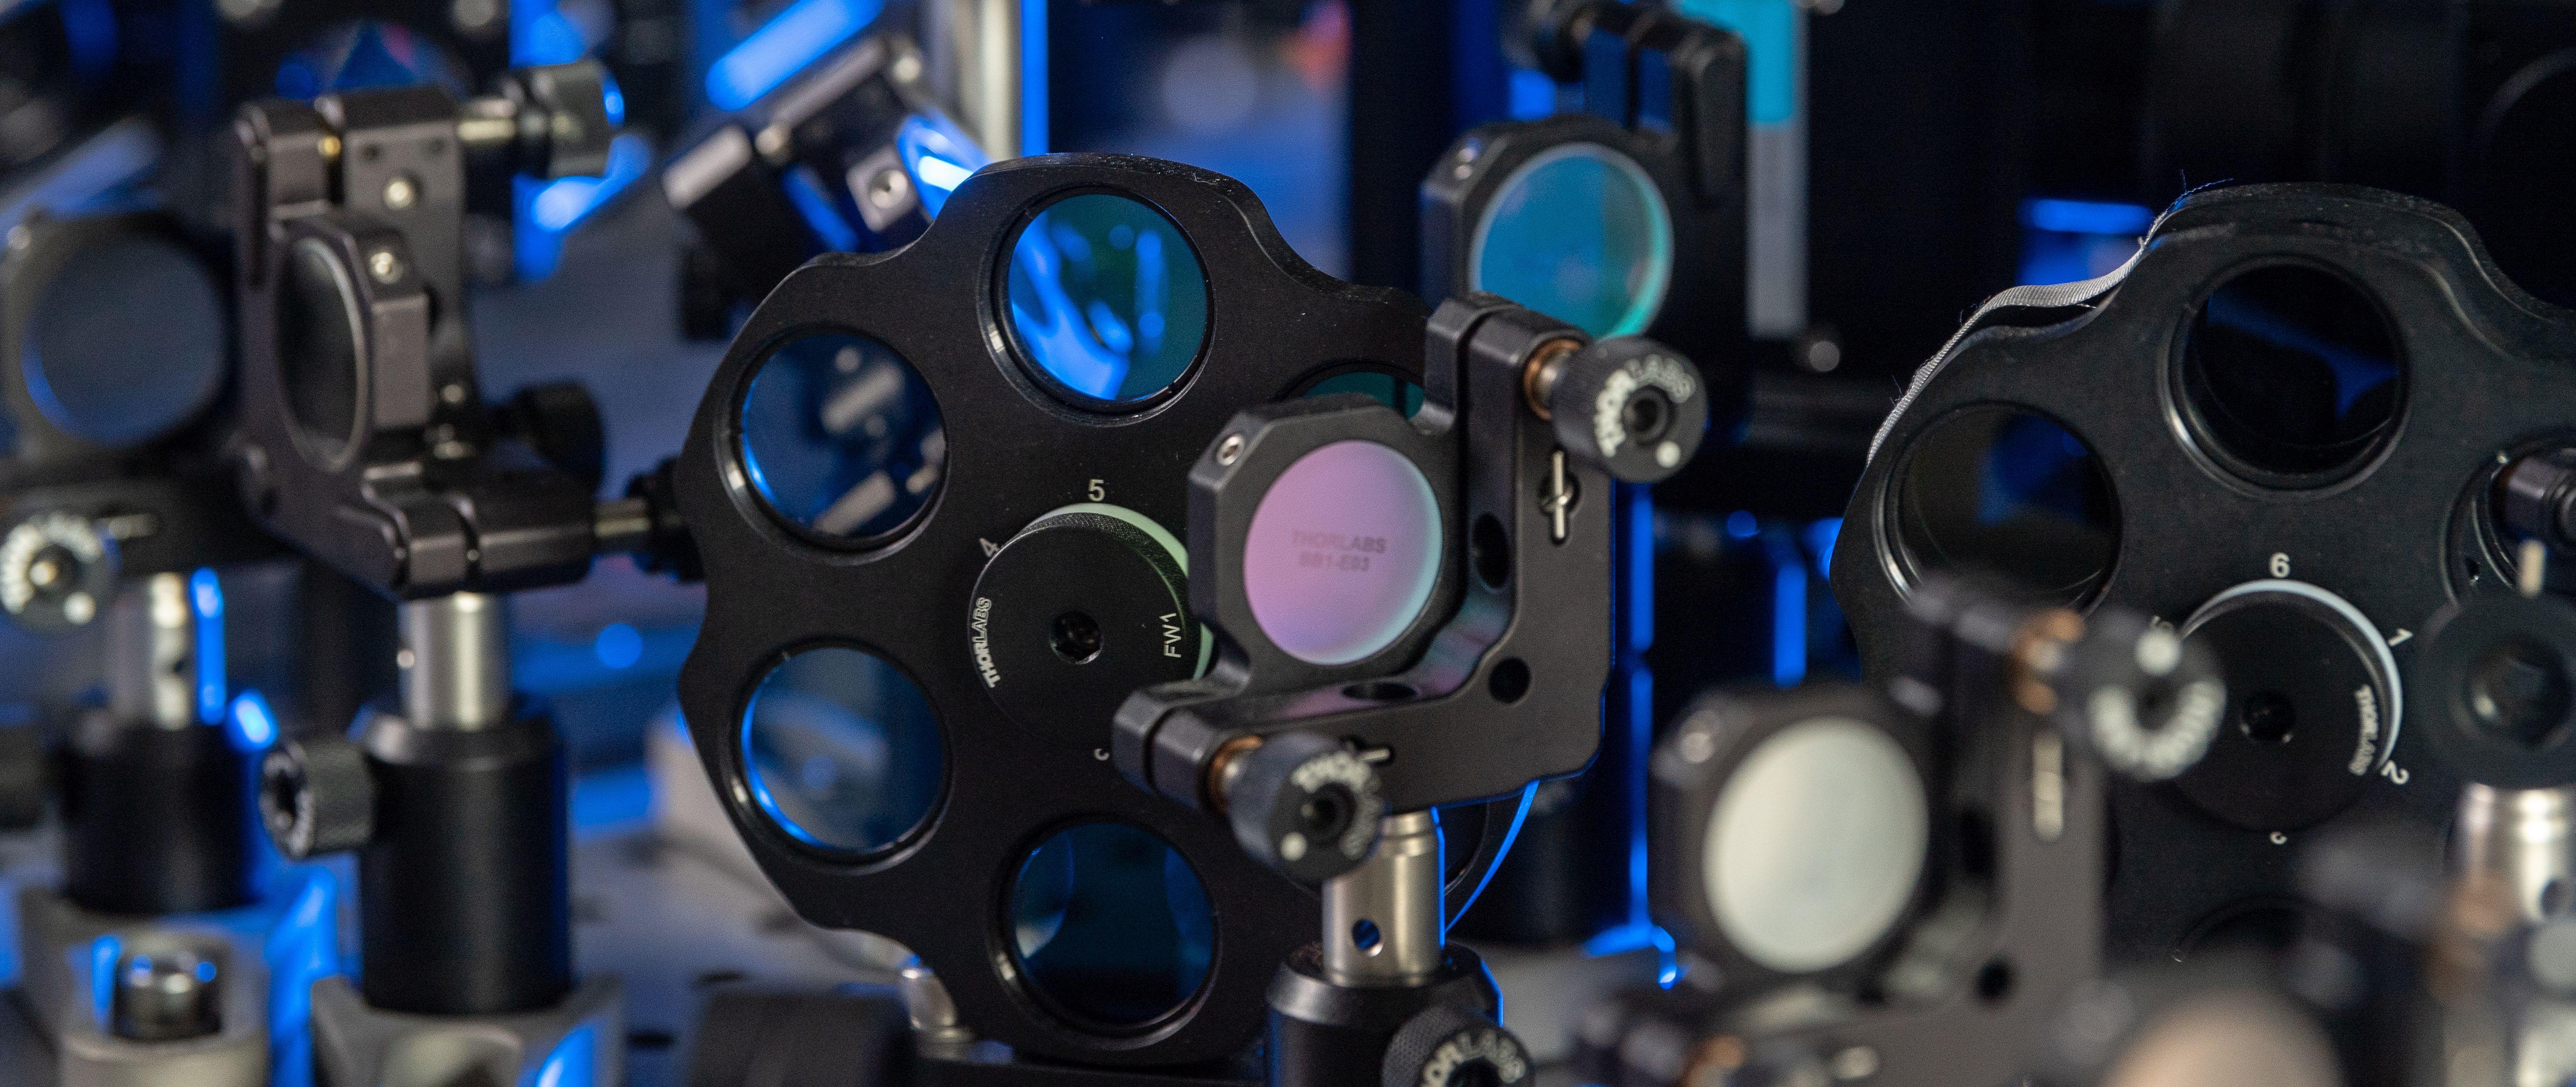 TUM Wissenschaftliche Arbeit und Forschung auf höchstem Niveau